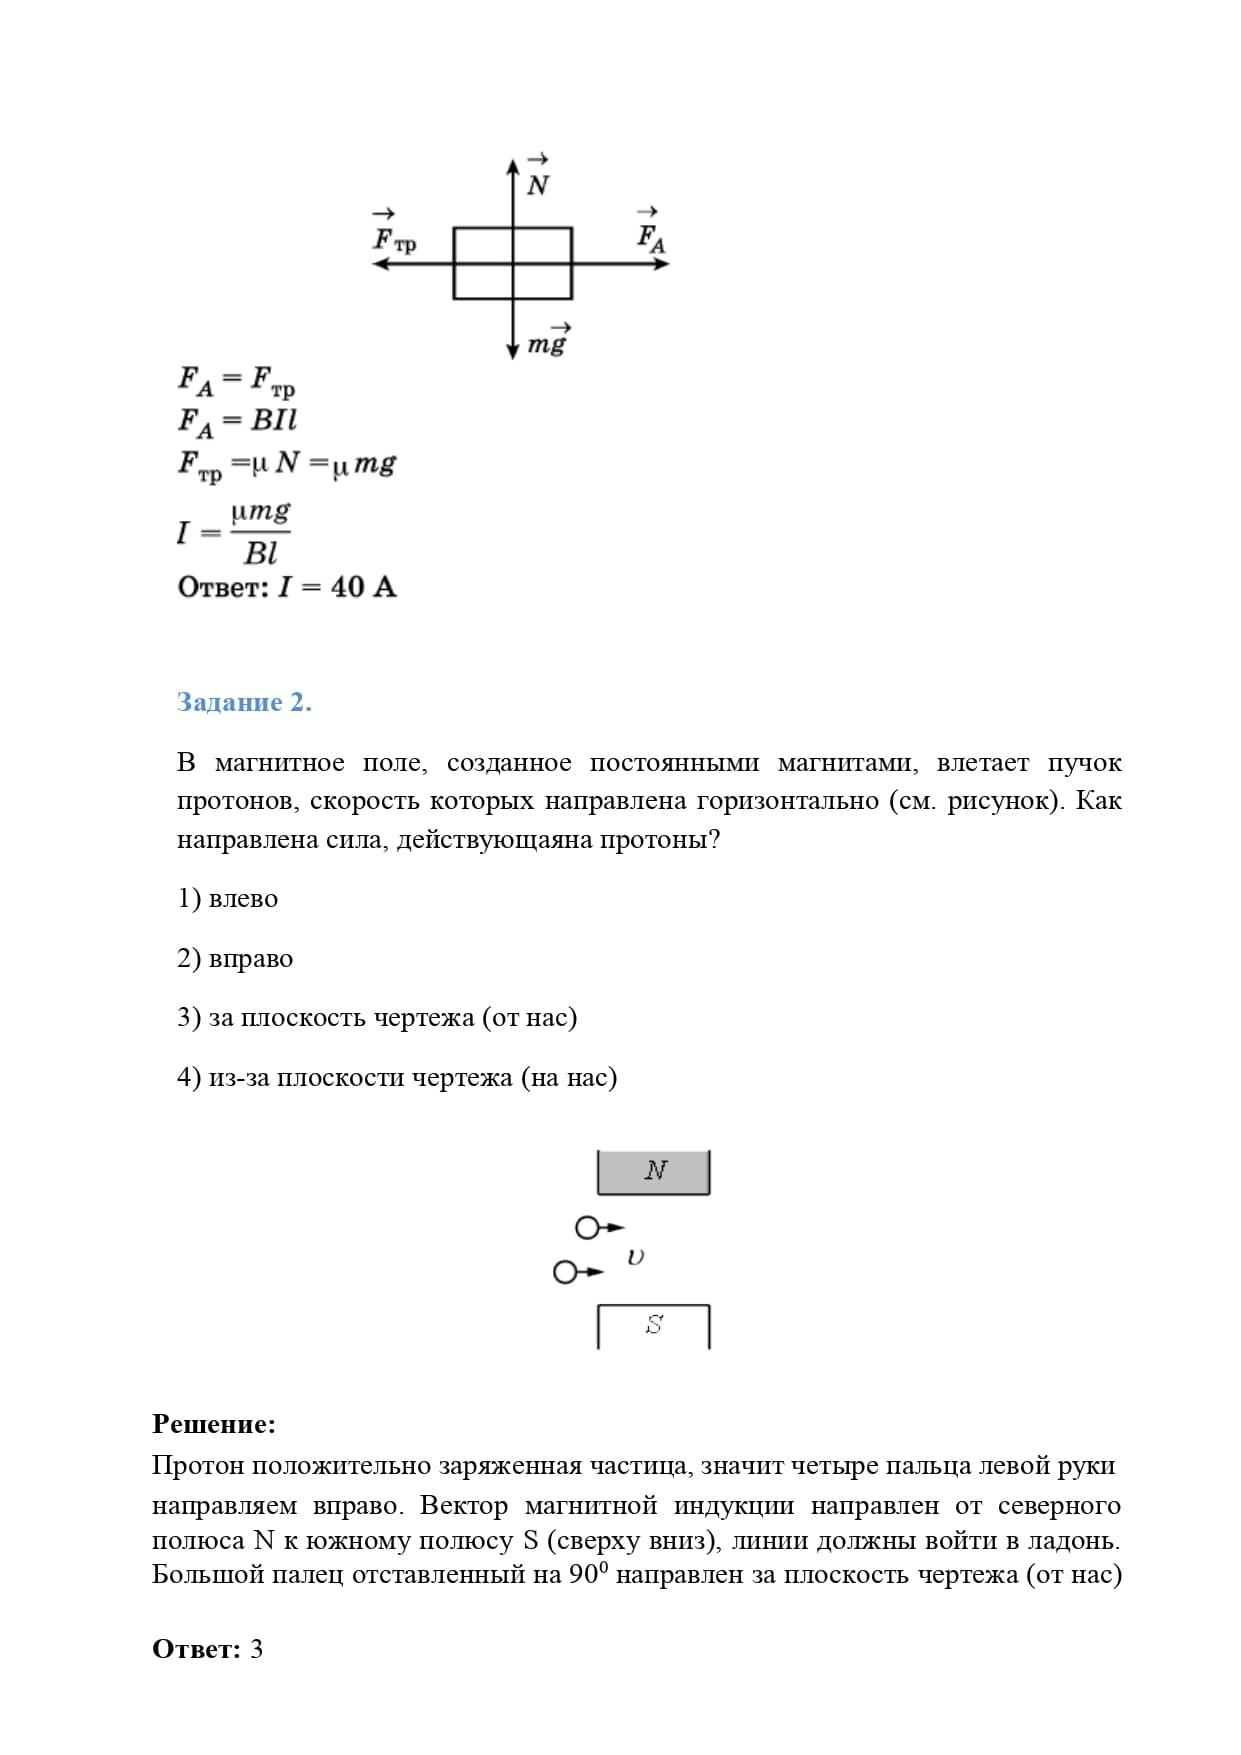 Задания из банка ФИПИ. ОГЭ. 9 класс. Физика. Магнетизм. страница 2